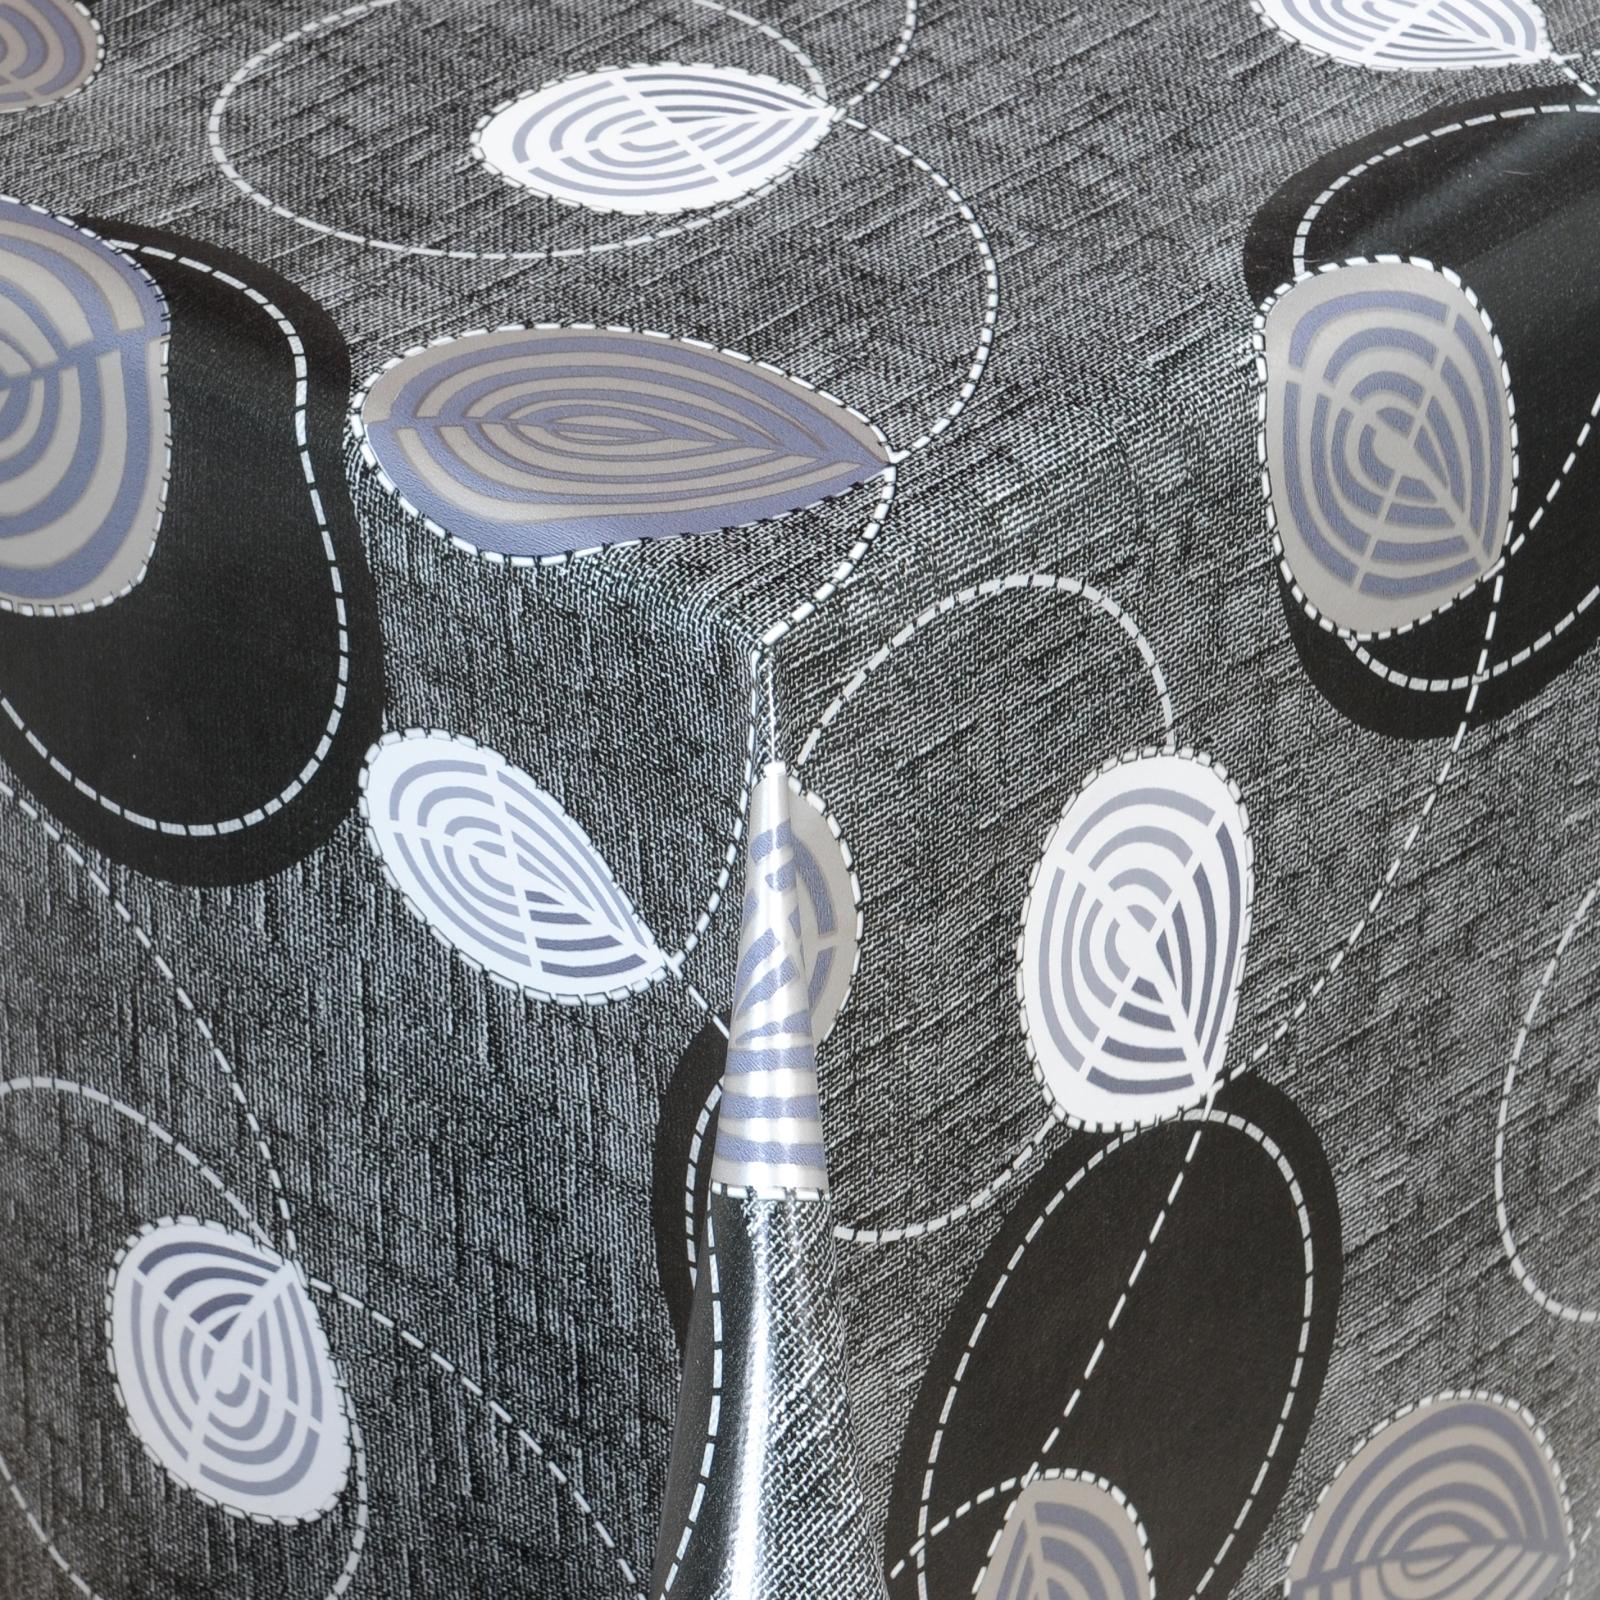 tischdecke abwaschbar wachstuch bl tter motiv schwarz im wunschma ebay. Black Bedroom Furniture Sets. Home Design Ideas